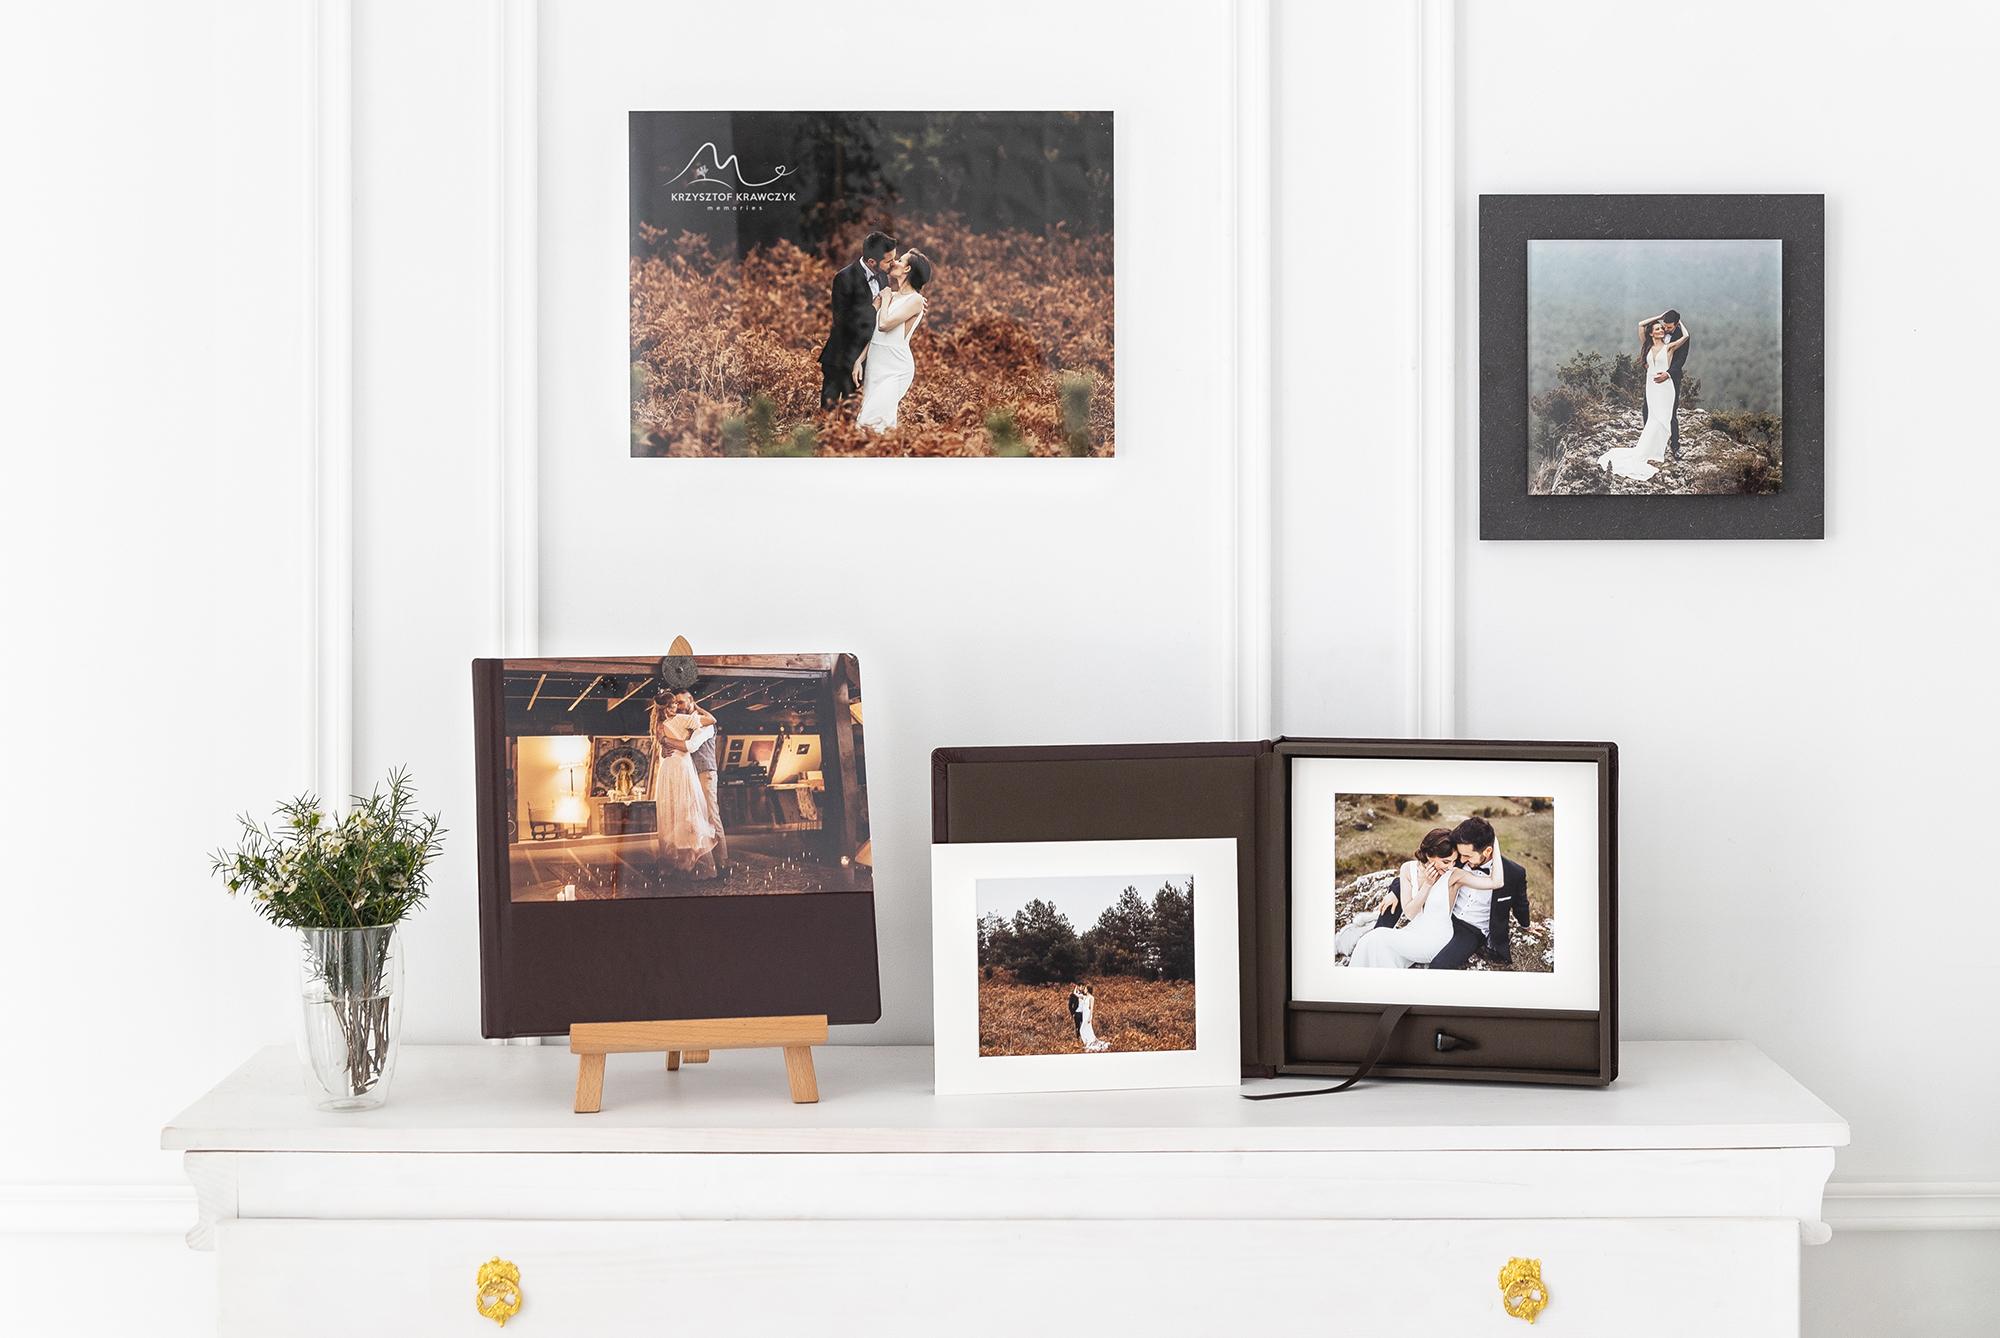 custom acrylic books for wedding photos